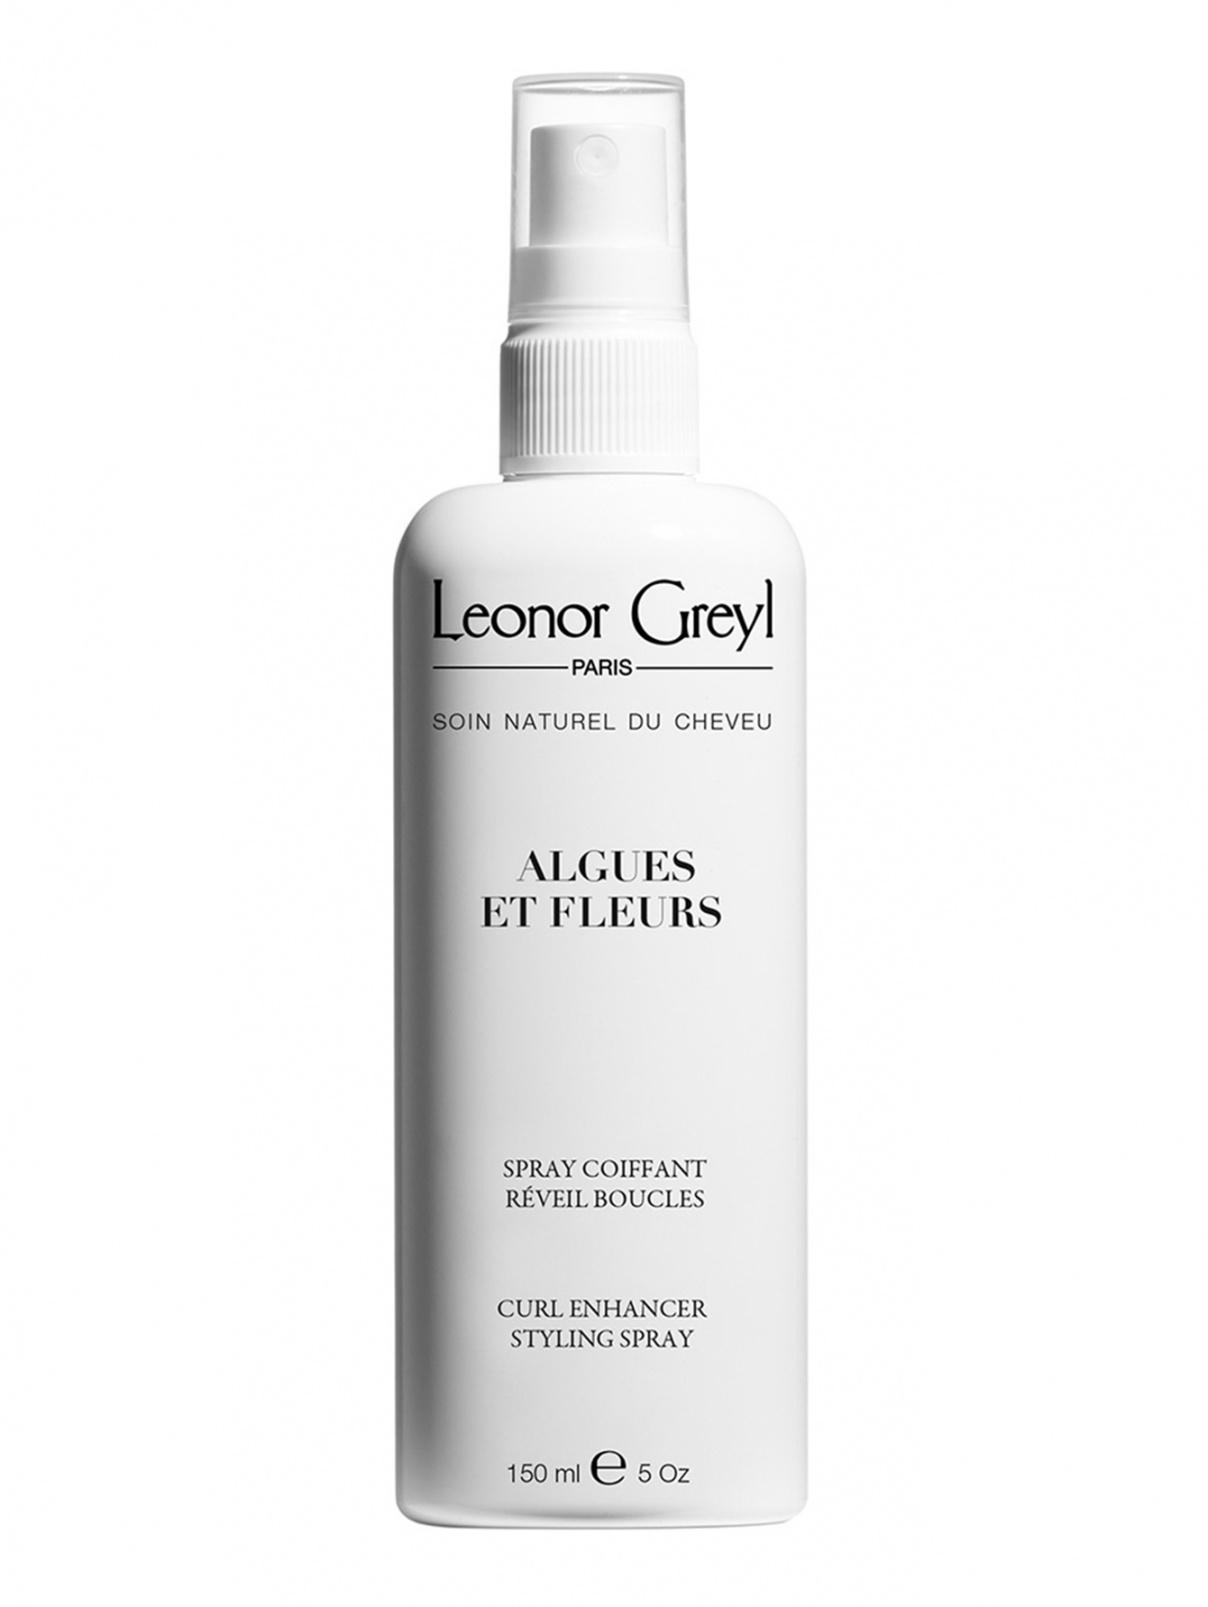 Спрей для укладки с экстрактом водорослей - Hair Care, 150ml Leonor Greyl  –  Общий вид